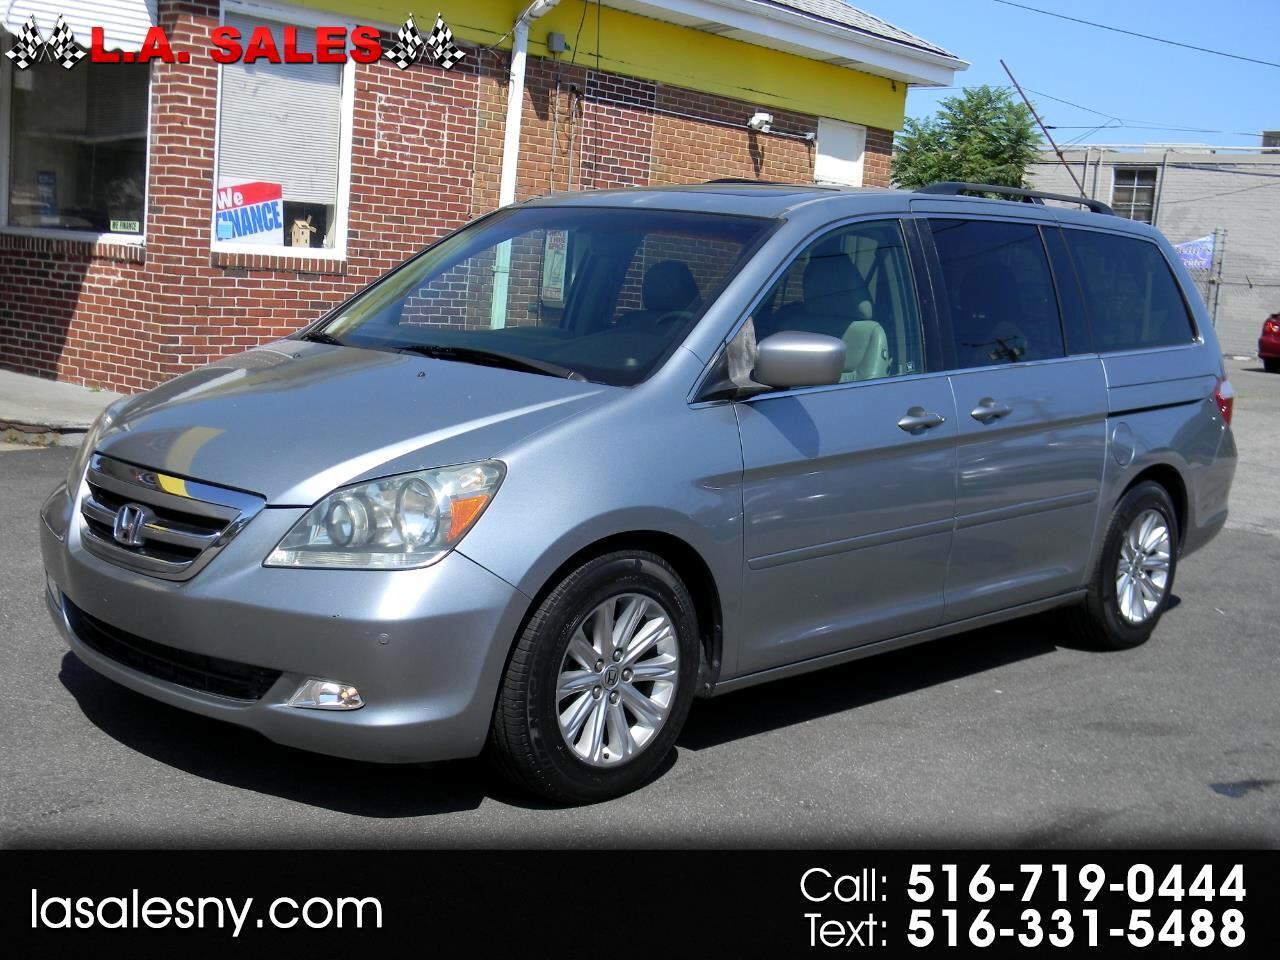 Honda Odyssey 5dr Touring w/RES & Navi 2007